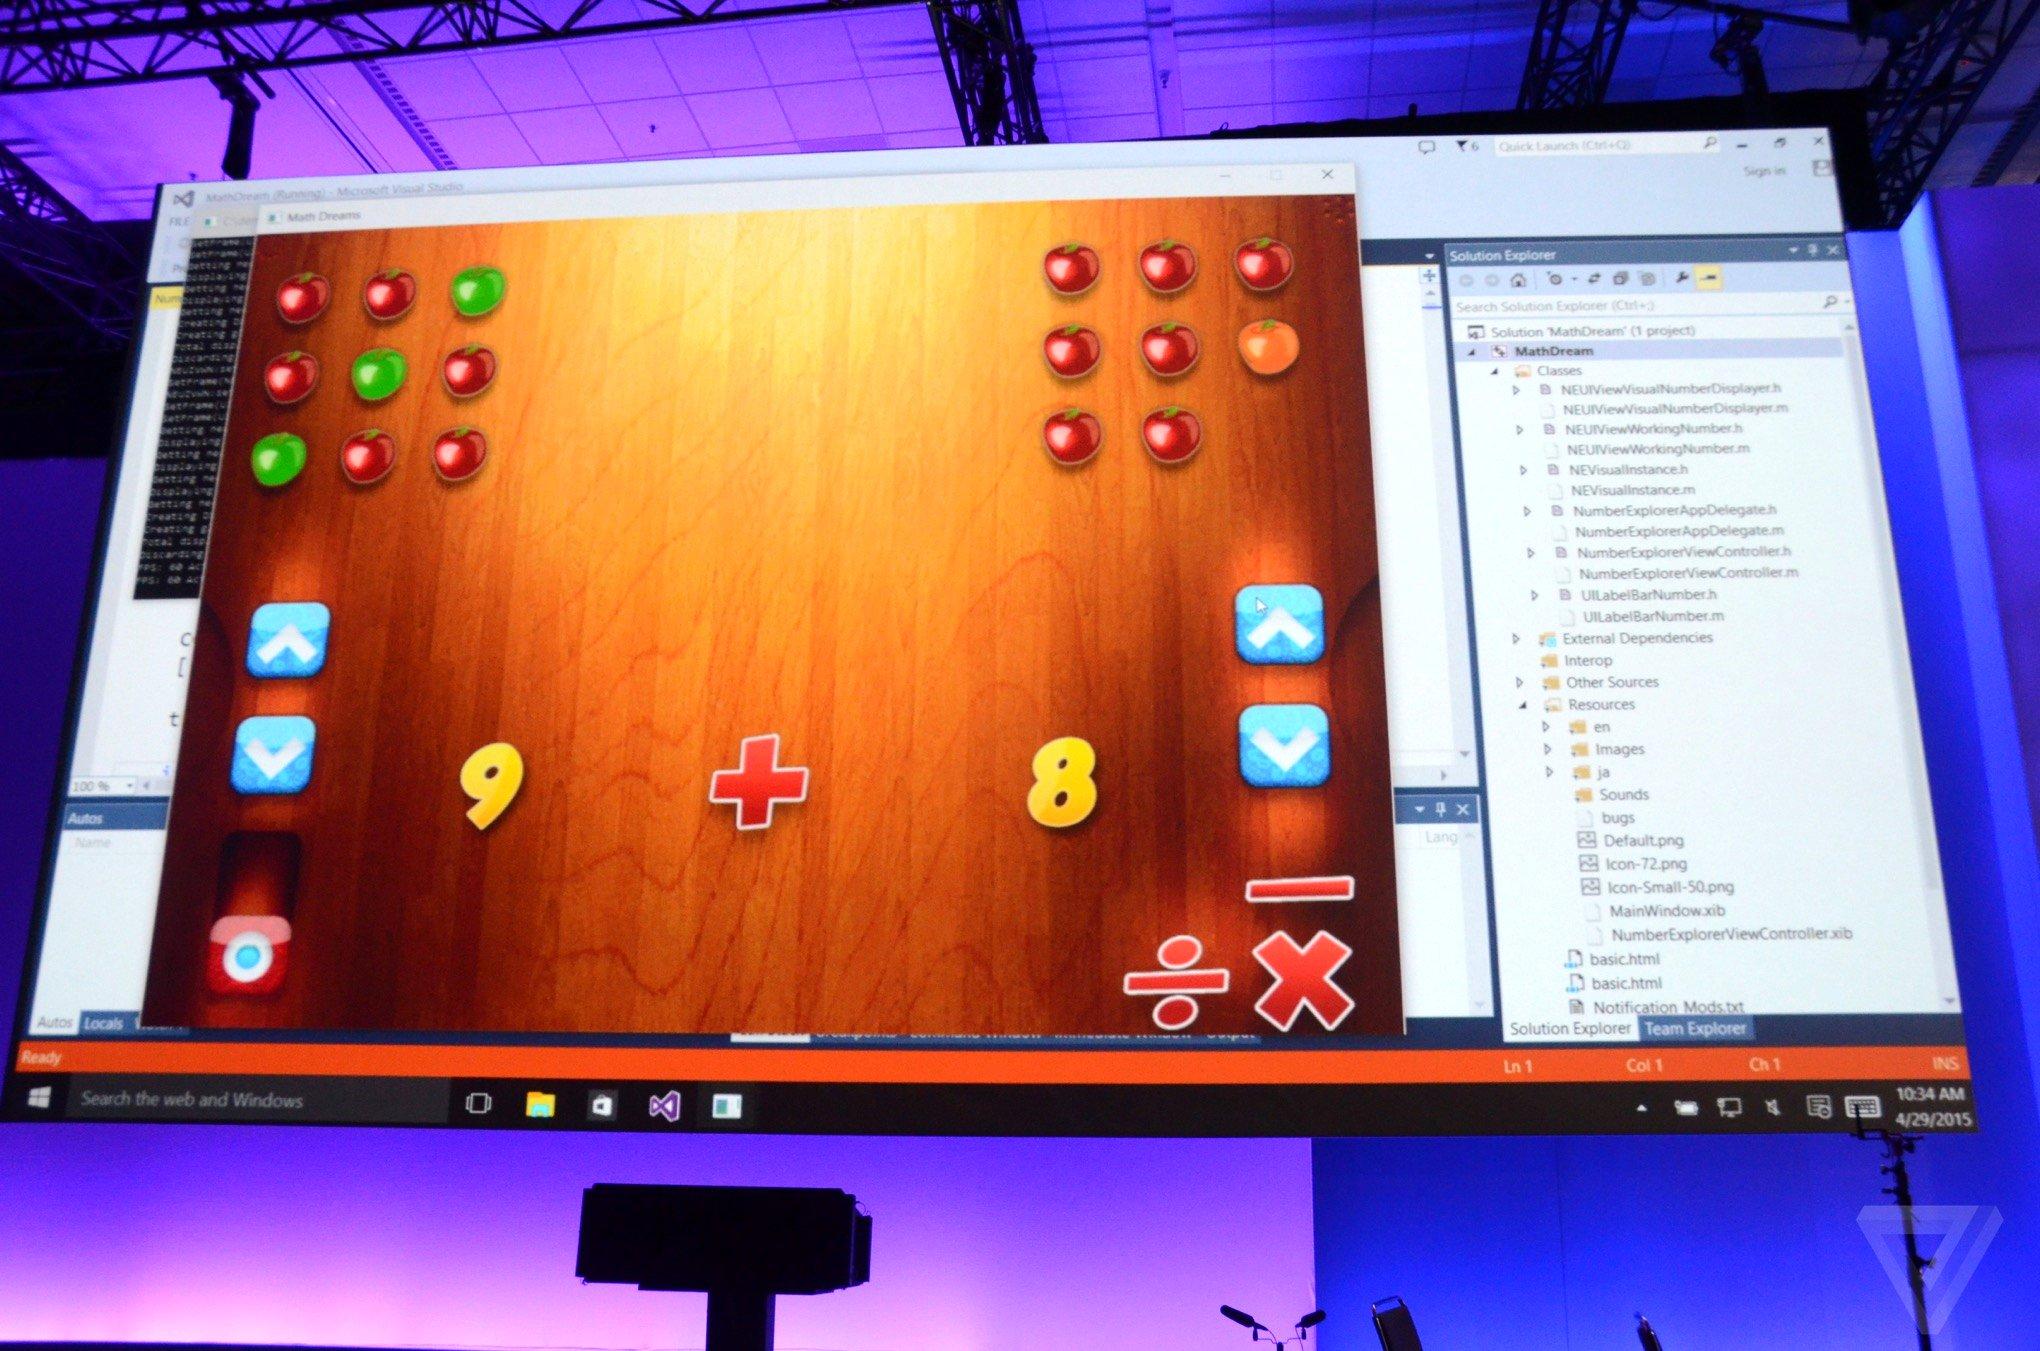 Candy Crush Saga ports to Windows 10